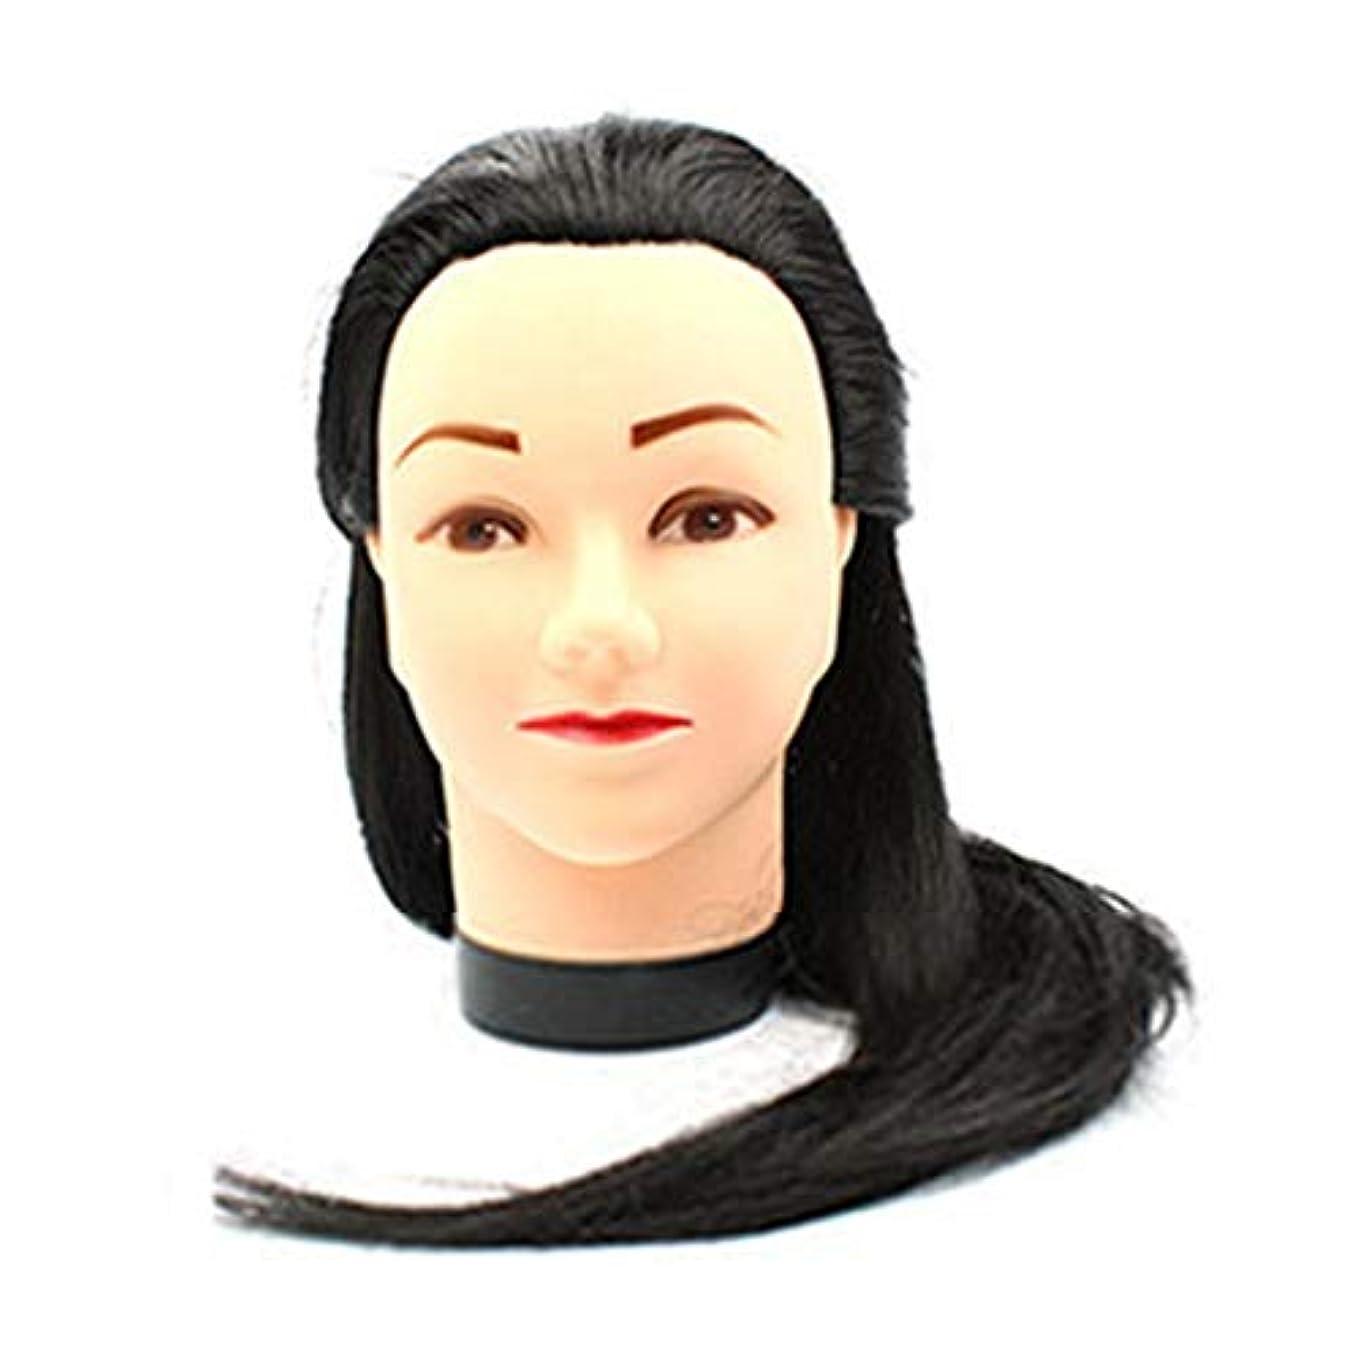 どのくらいの頻度で貨物ファントム低温繊維かつらヘッドモールドメイクヘアスタイリングヘッドヘアーサロントレーニング学習ヘアカットデュアルユースダミー人間の頭